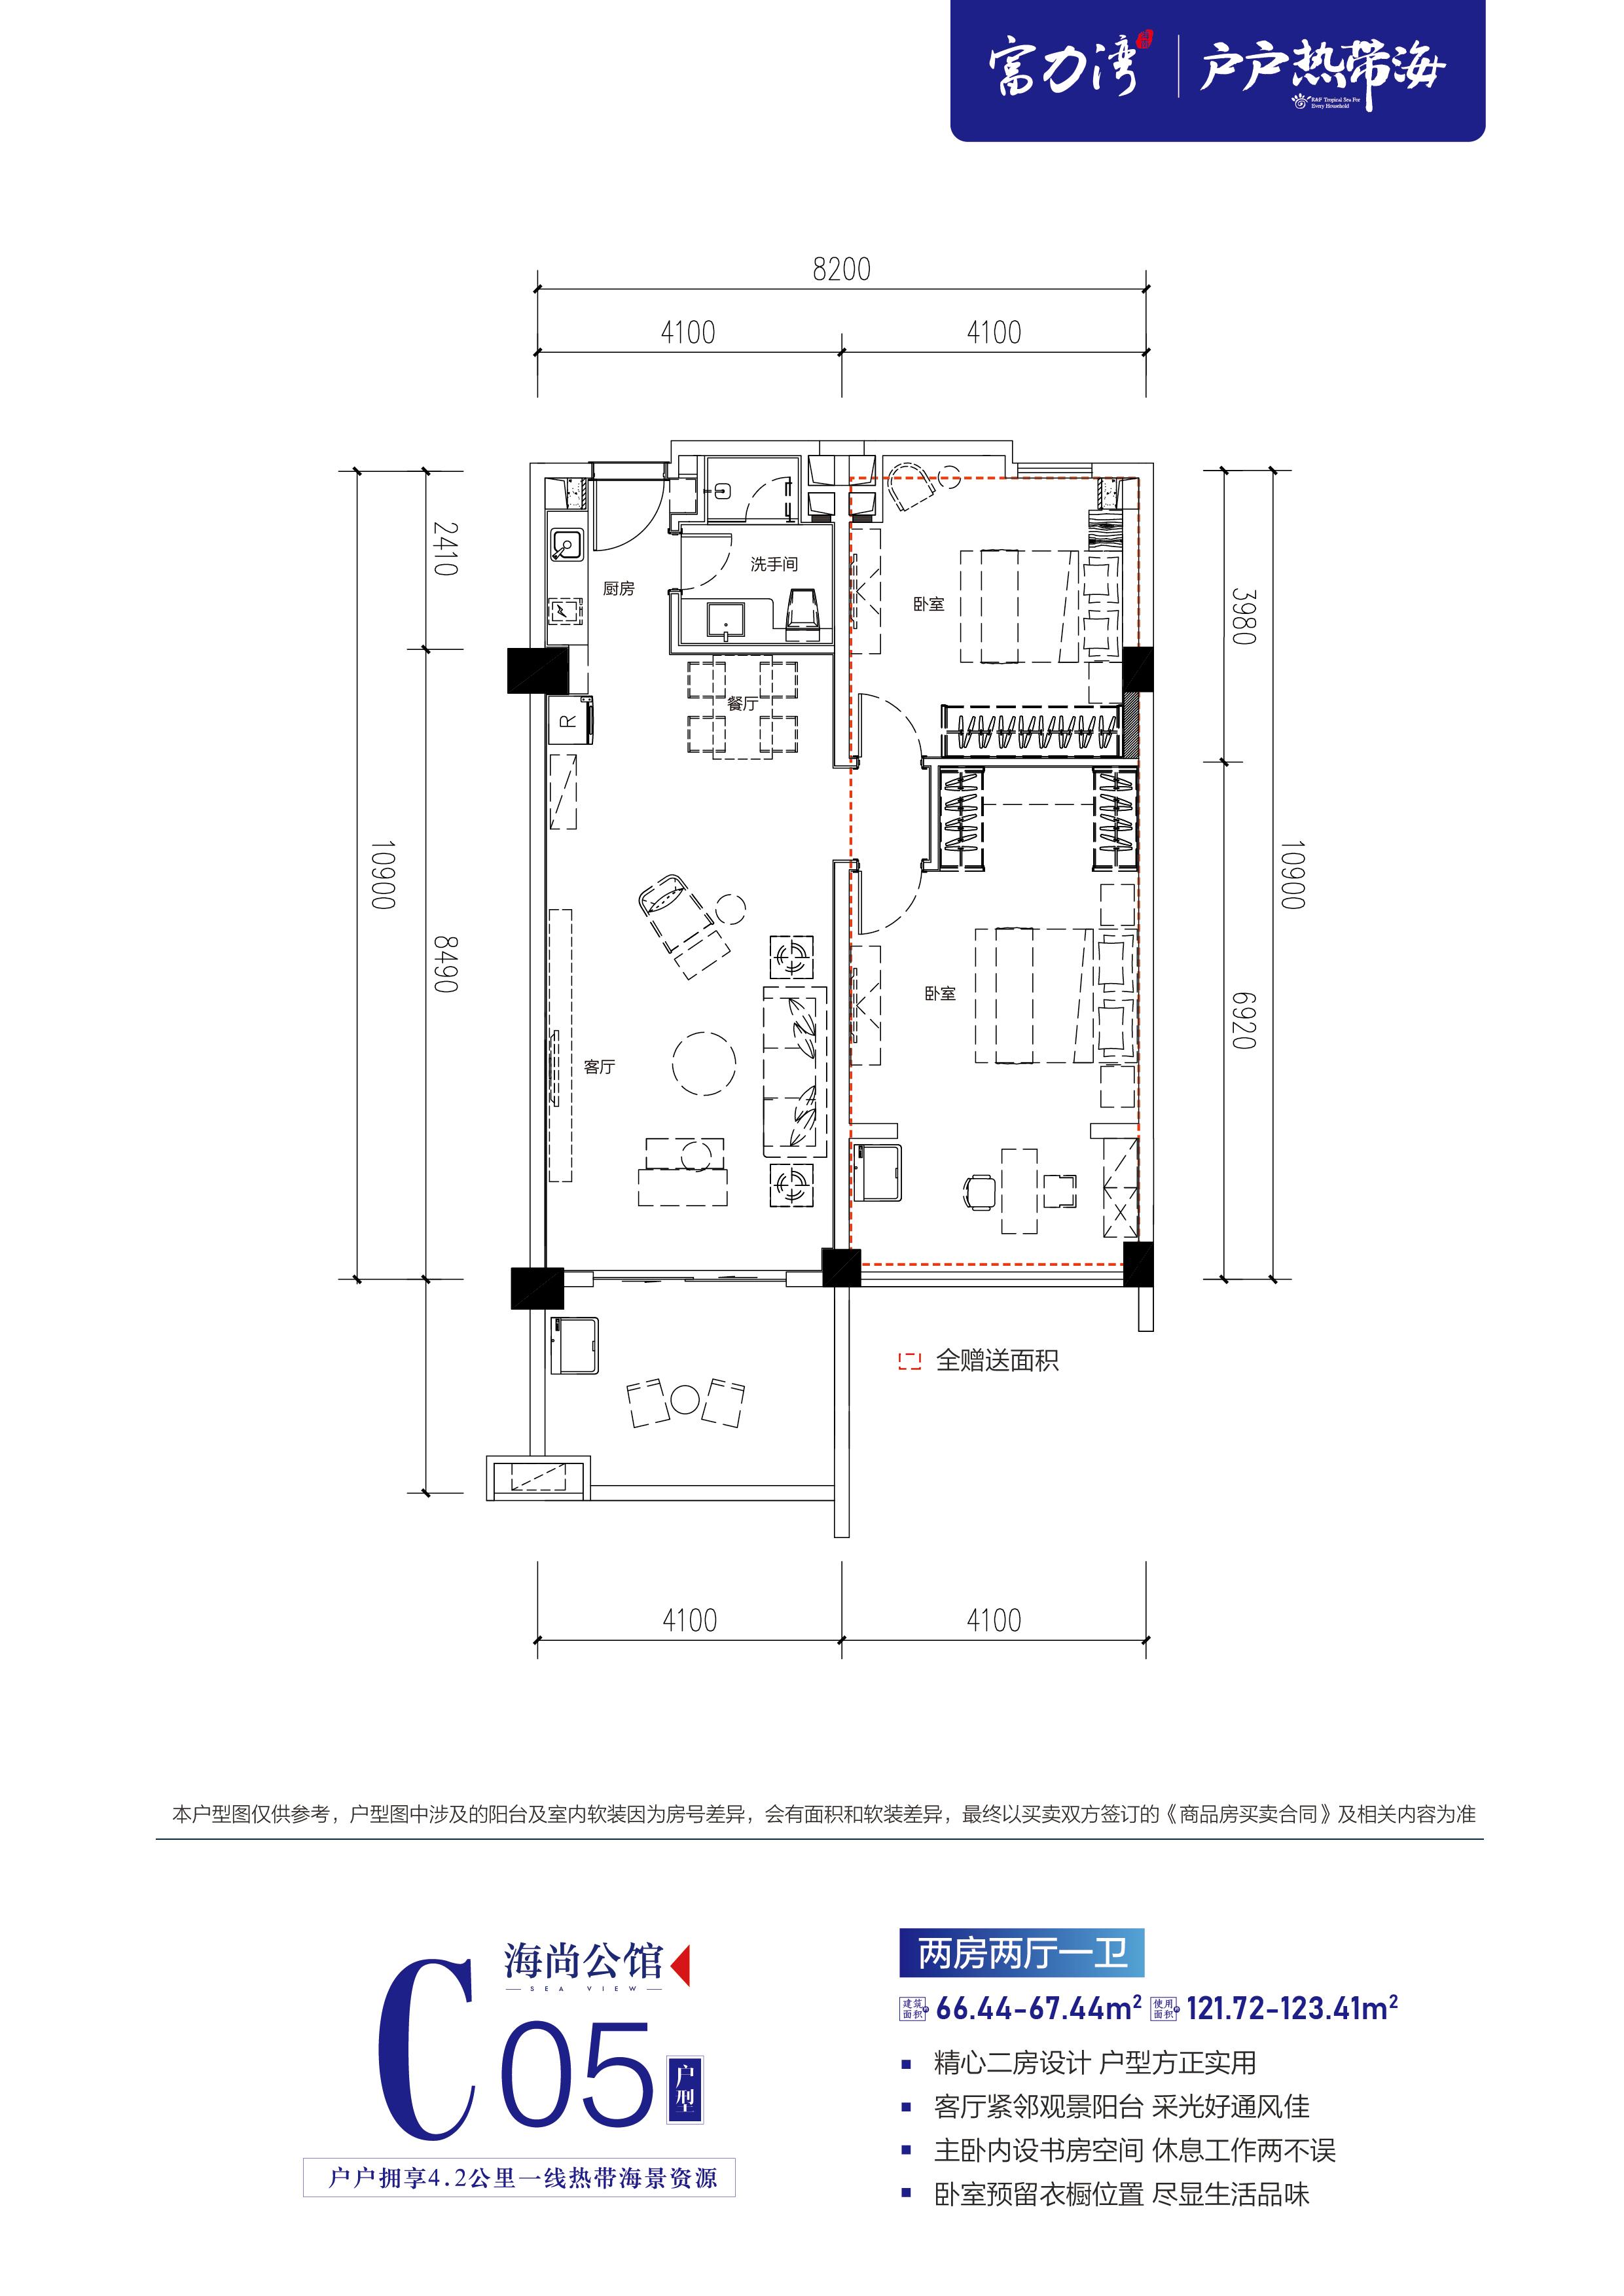 海尚公馆C05户型 2室2厅1卫 建面约66.44-67.44㎡